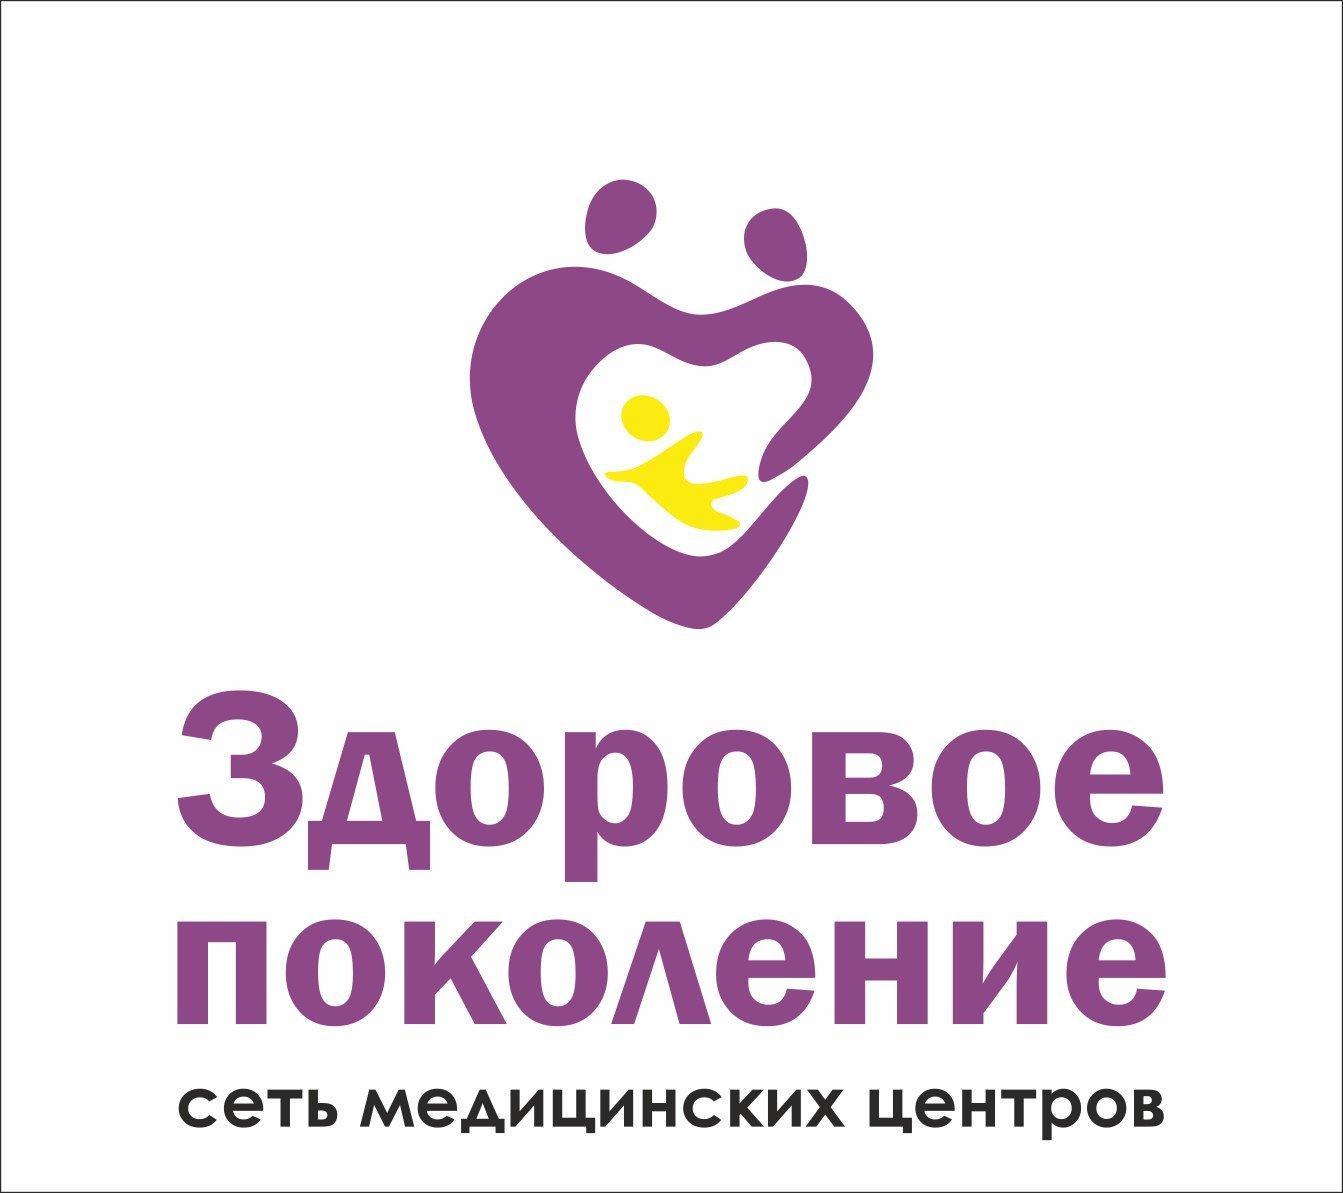 фотография Медицинского центра Здоровое поколение на проспекте Н.С. Ермакова